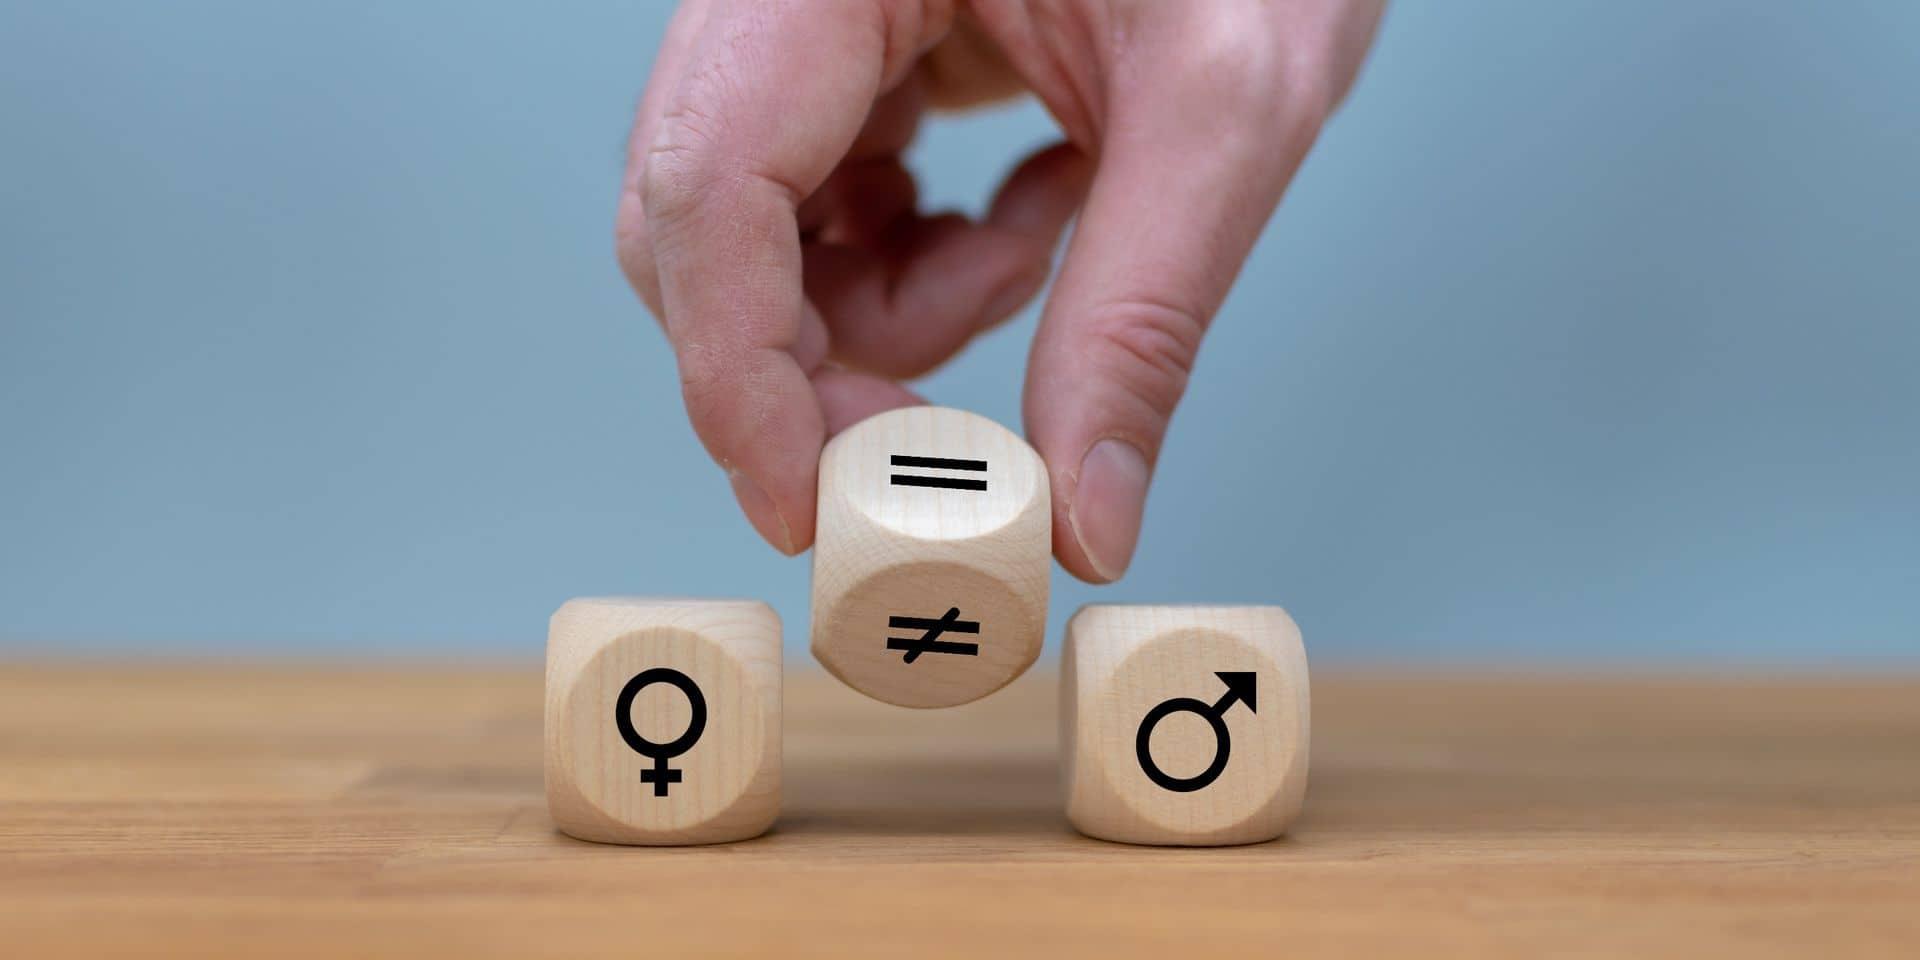 Les inégalités hommes-femmes en matière de bien-être se sont fortement accentuées